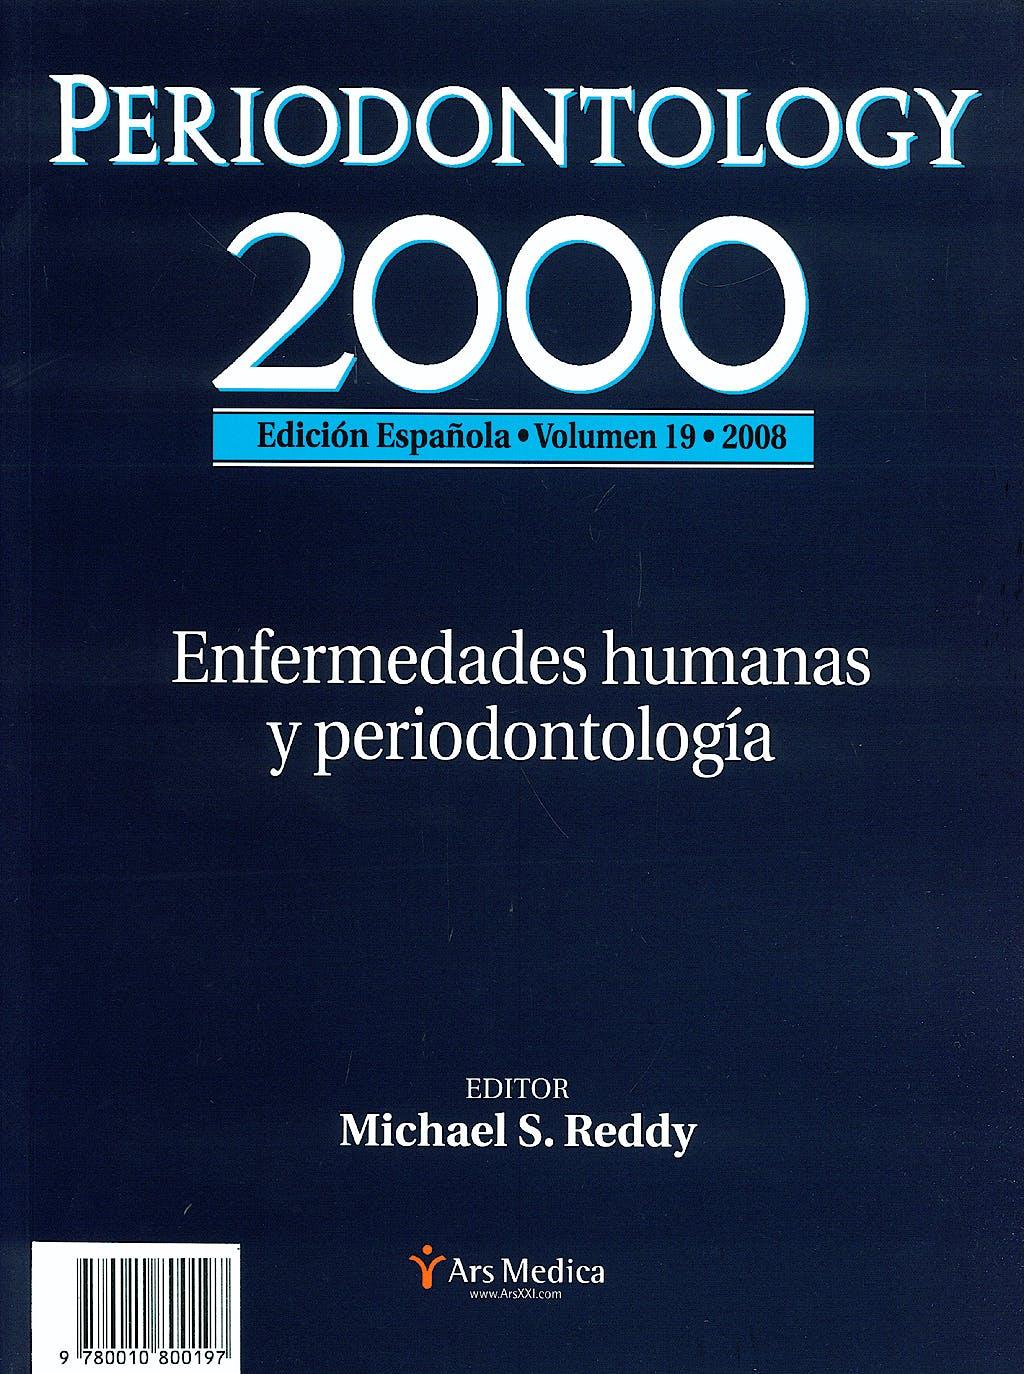 Portada del libro 9780010800197 Periodontology 2000, Vol. 19: Enfermedades Humanas y Periodontologia